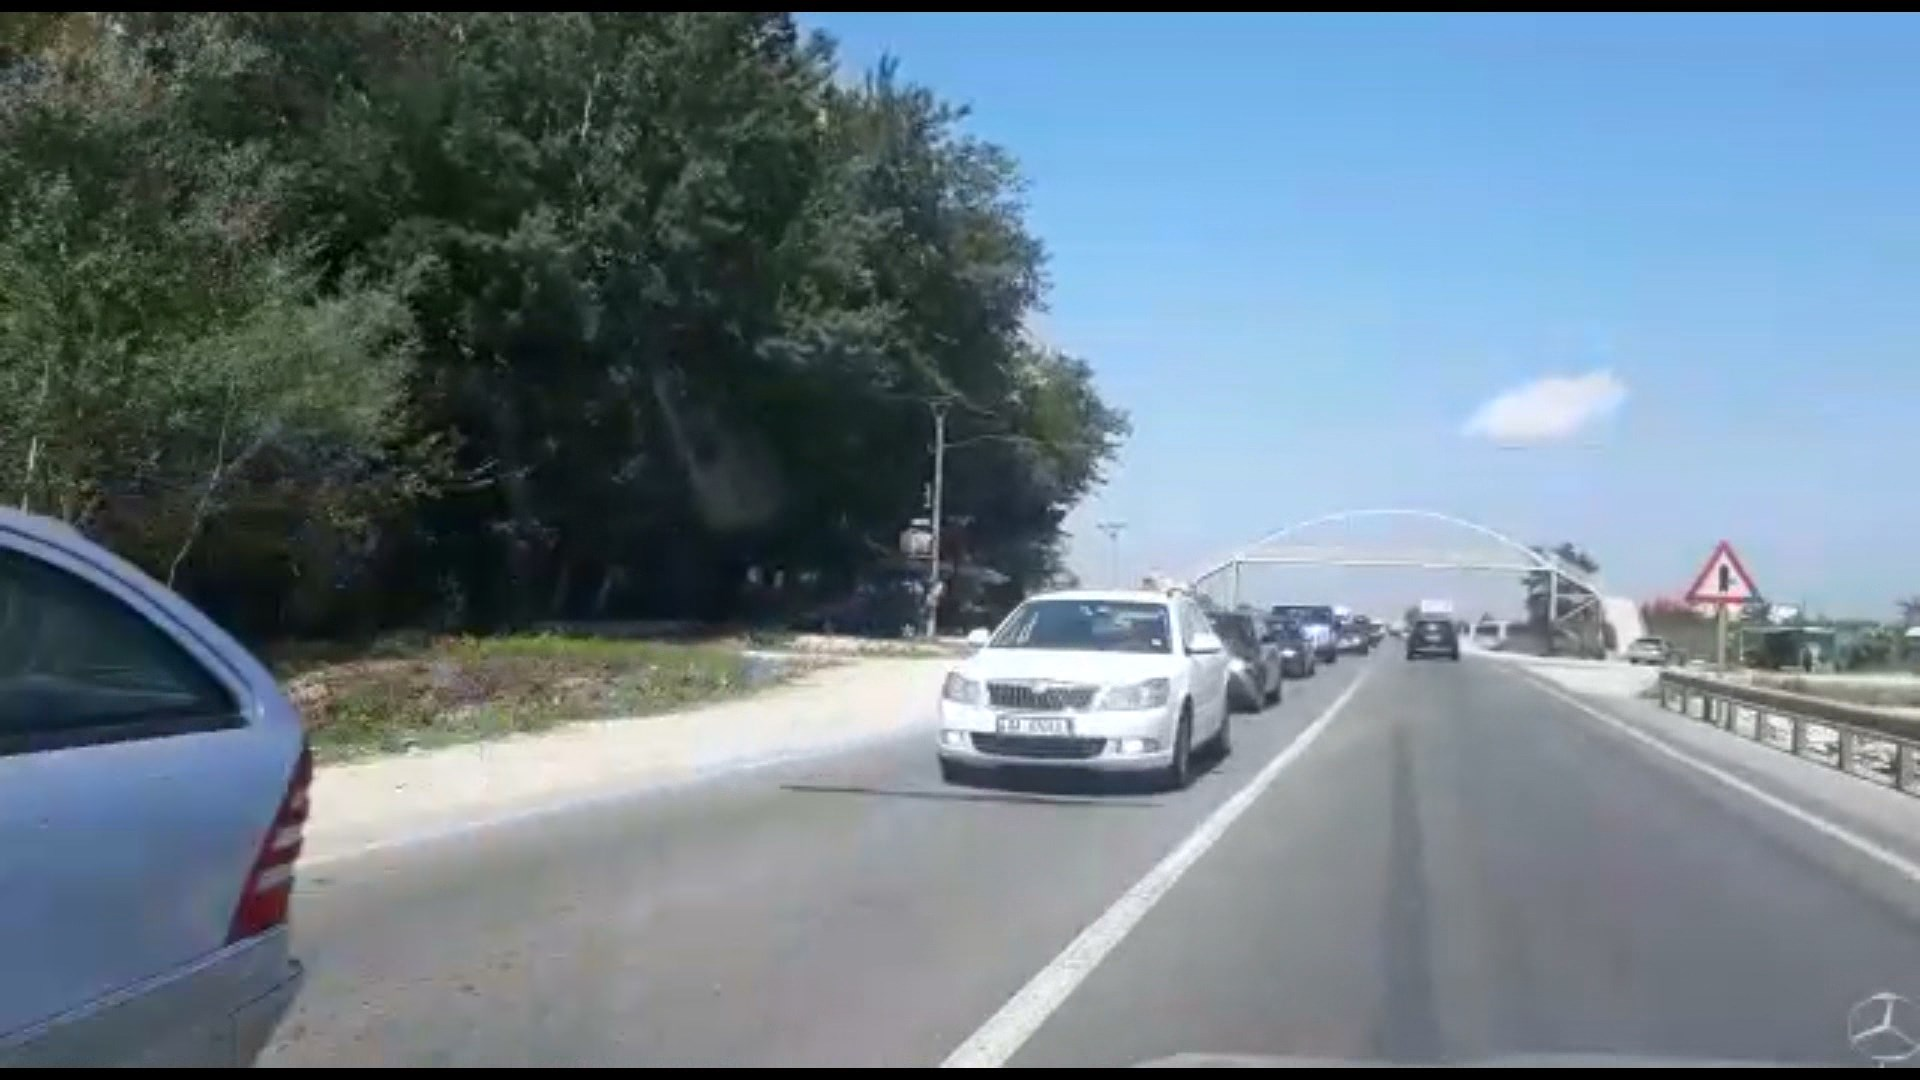 Rëndohet trafiku në aksin Fushë- Krujë-Thumanë nga fluksi i mjeteve